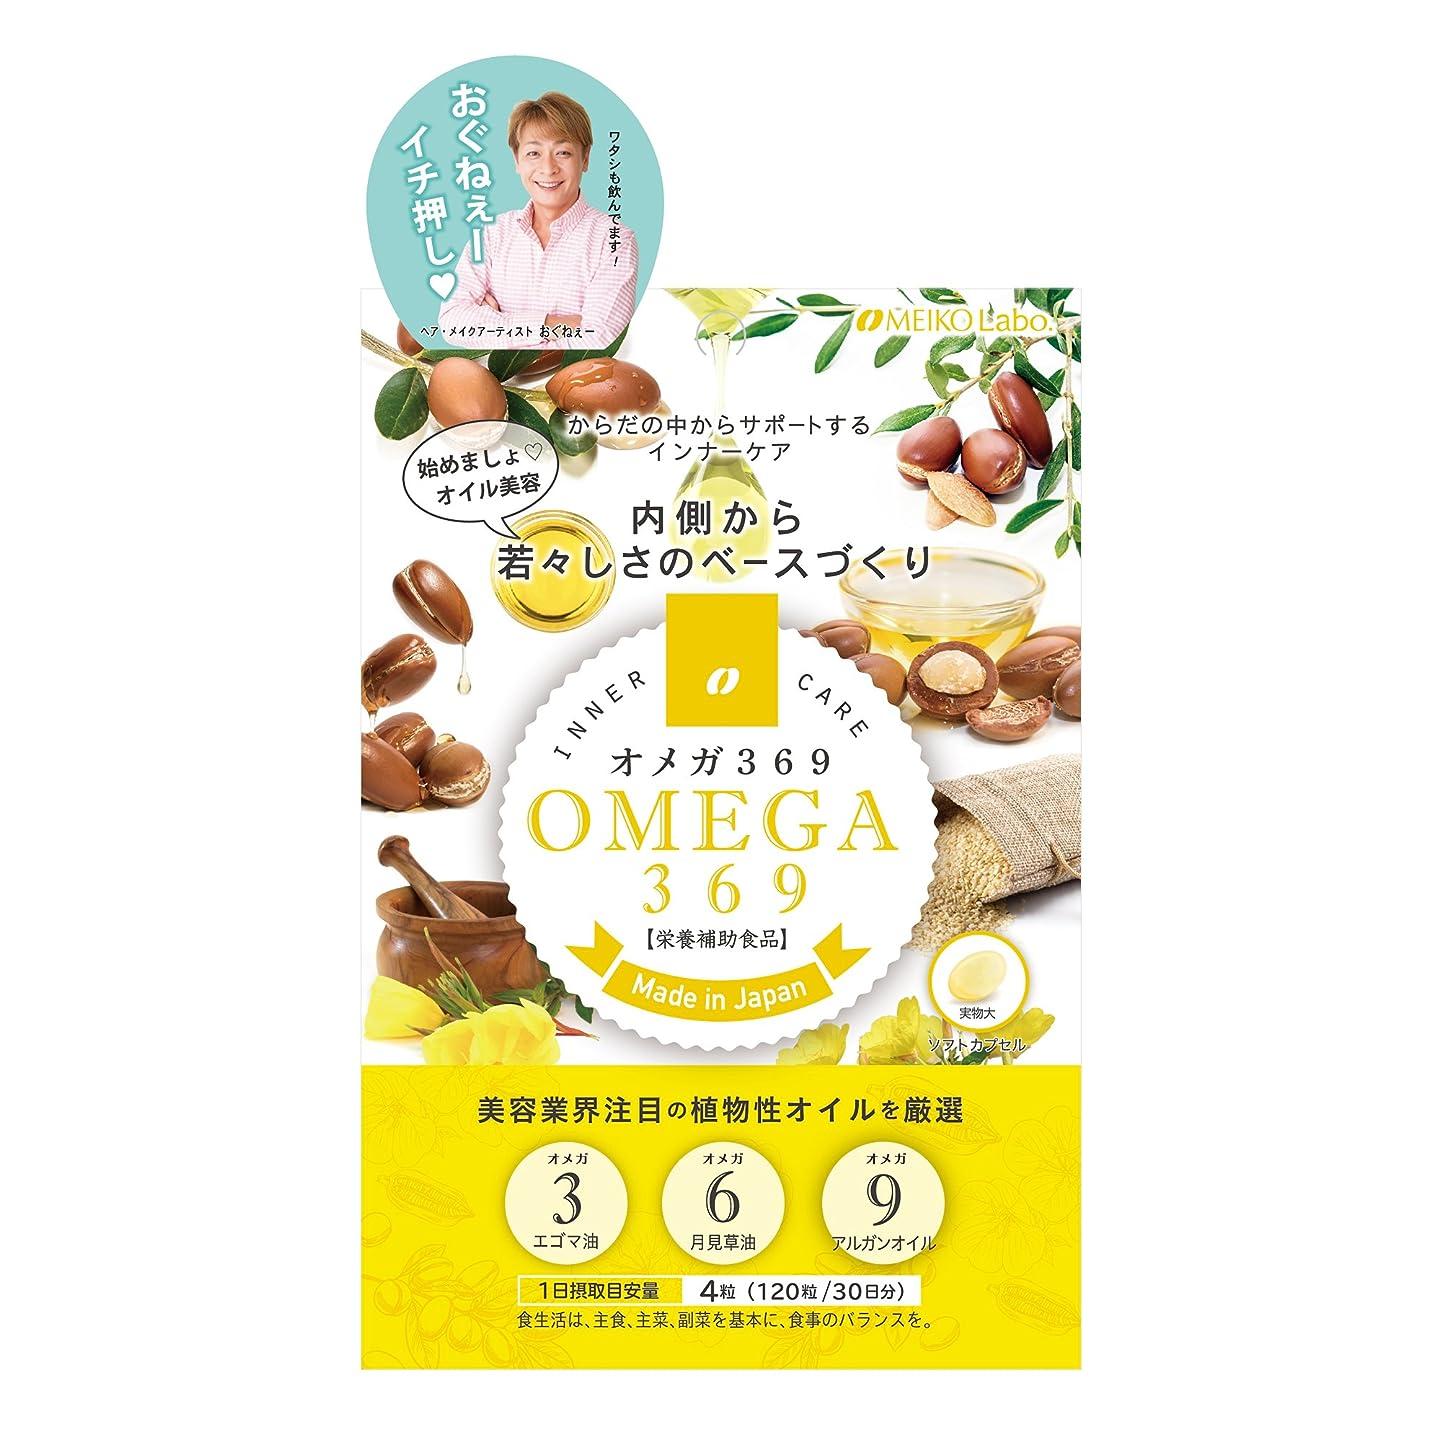 プレゼントヒロイン絶壁オメガ3 6 9 30日分 120粒 サプリメント ( 栄養補助食品 日本製 ) 【 メイコーラボ 】